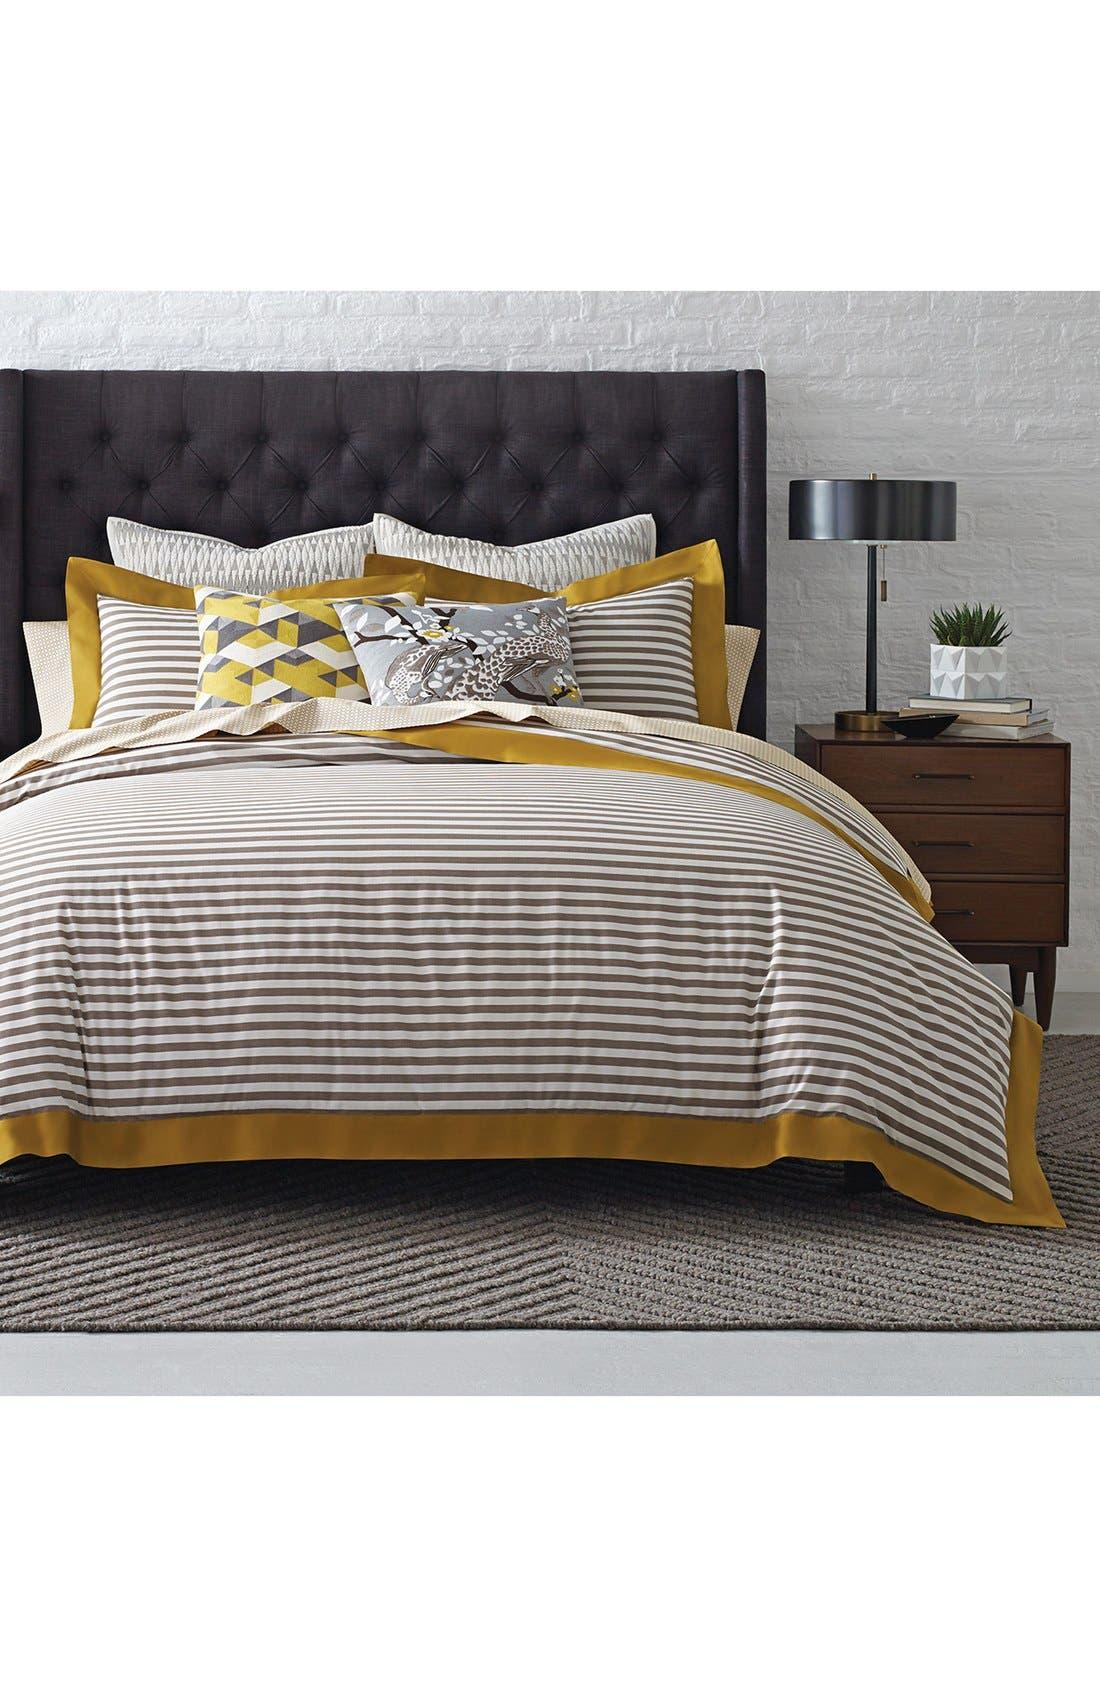 'Draper Stripe' Duvet Cover,                             Main thumbnail 1, color,                             700